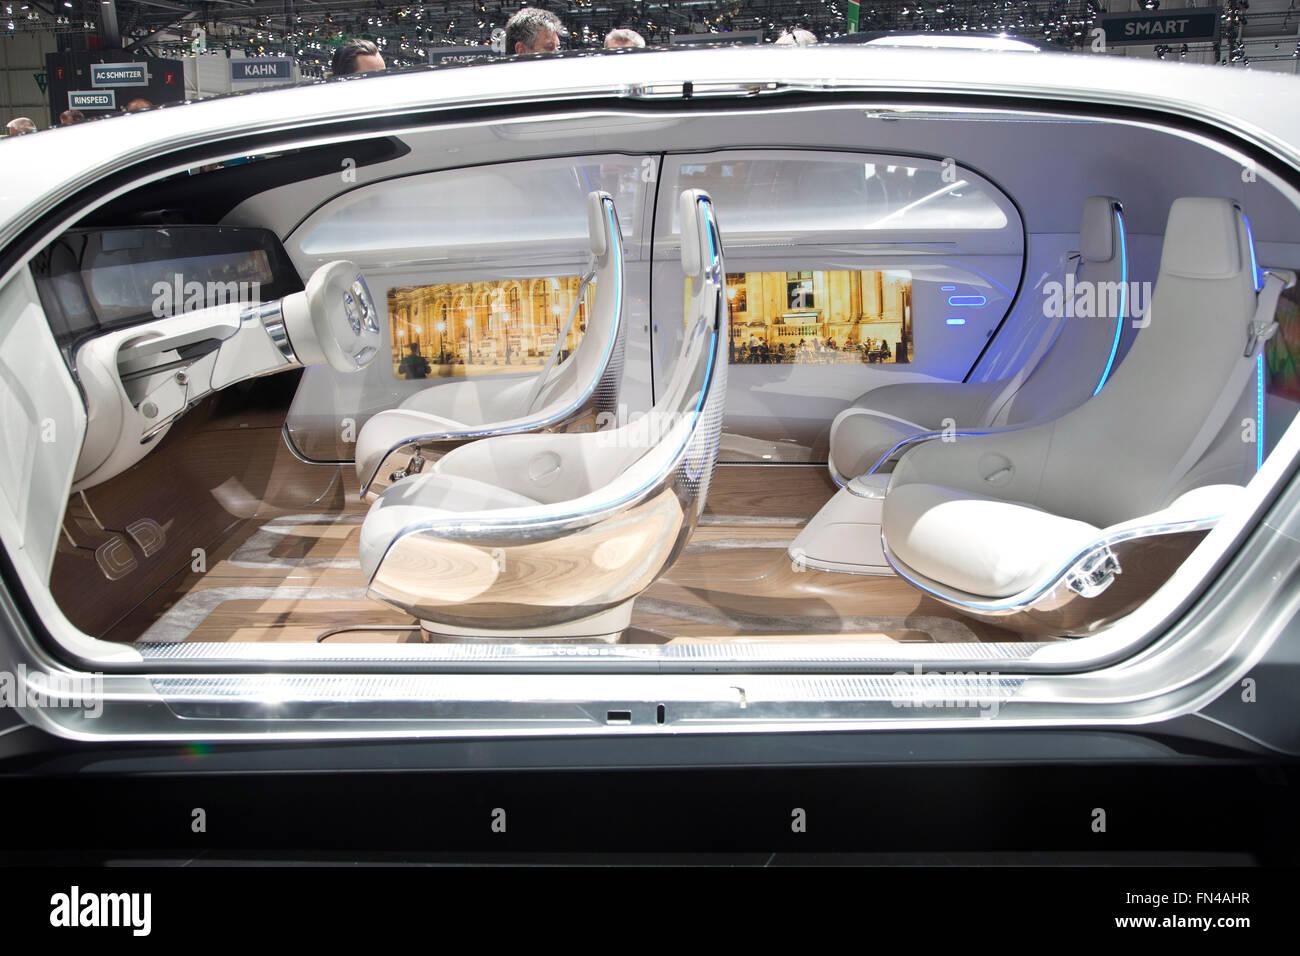 Mercedes benz f015 autonomous car concept at the geneva for Mercedes benz f 015 price